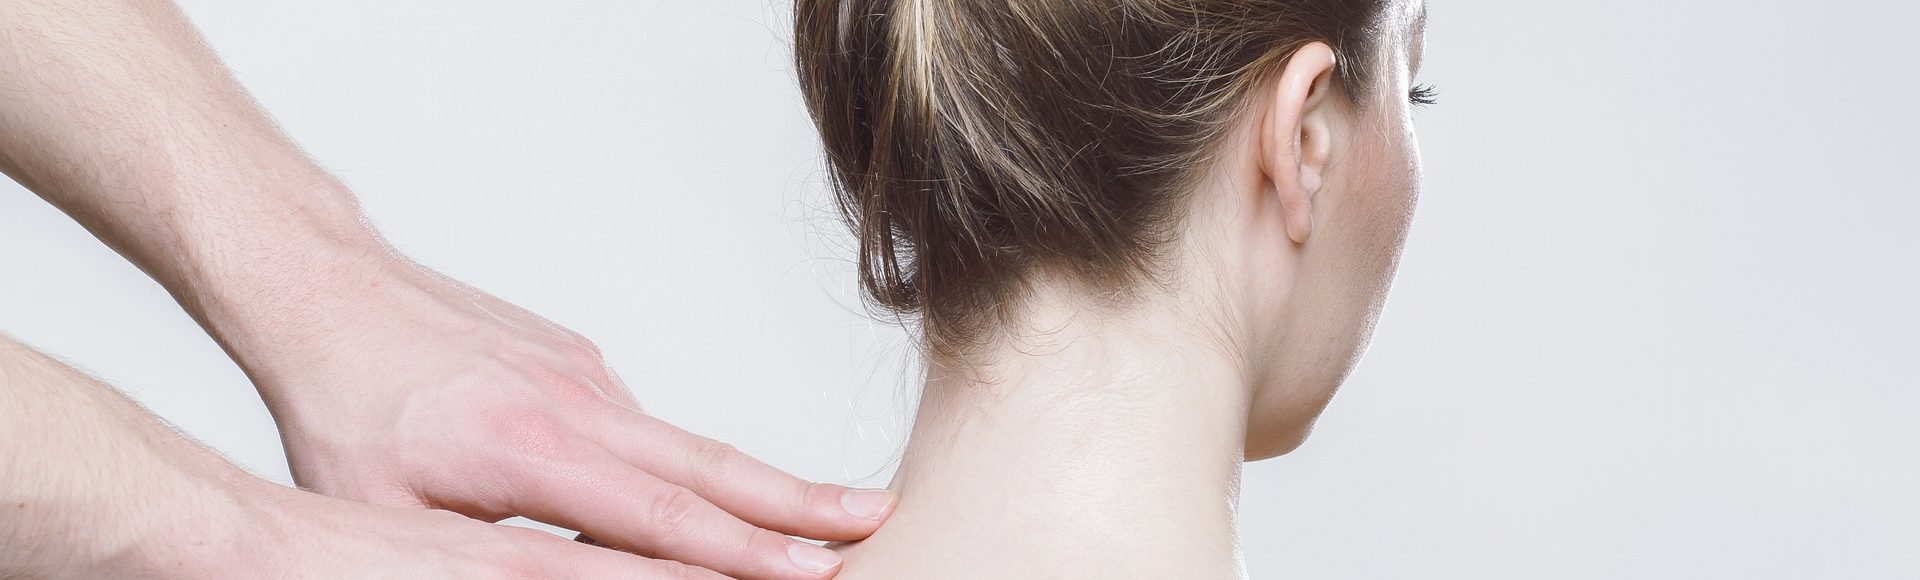 Osteopatia e fisioterapia: qual è la differenza?